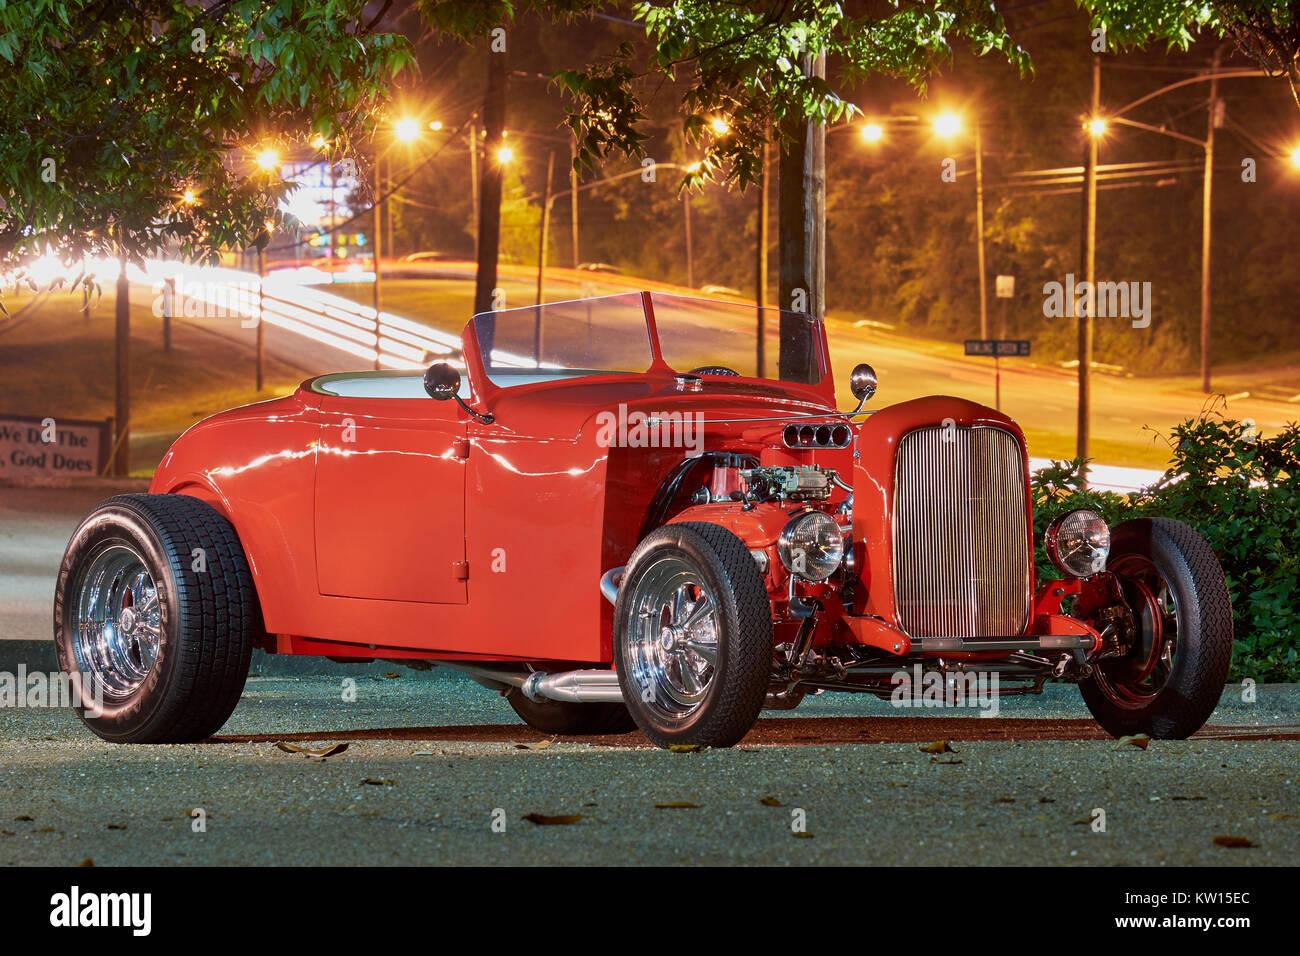 1932 Ford hot rod roadster rouge sur l'affichage vue latérale montrant ouvrir le compartiment moteur. Banque D'Images